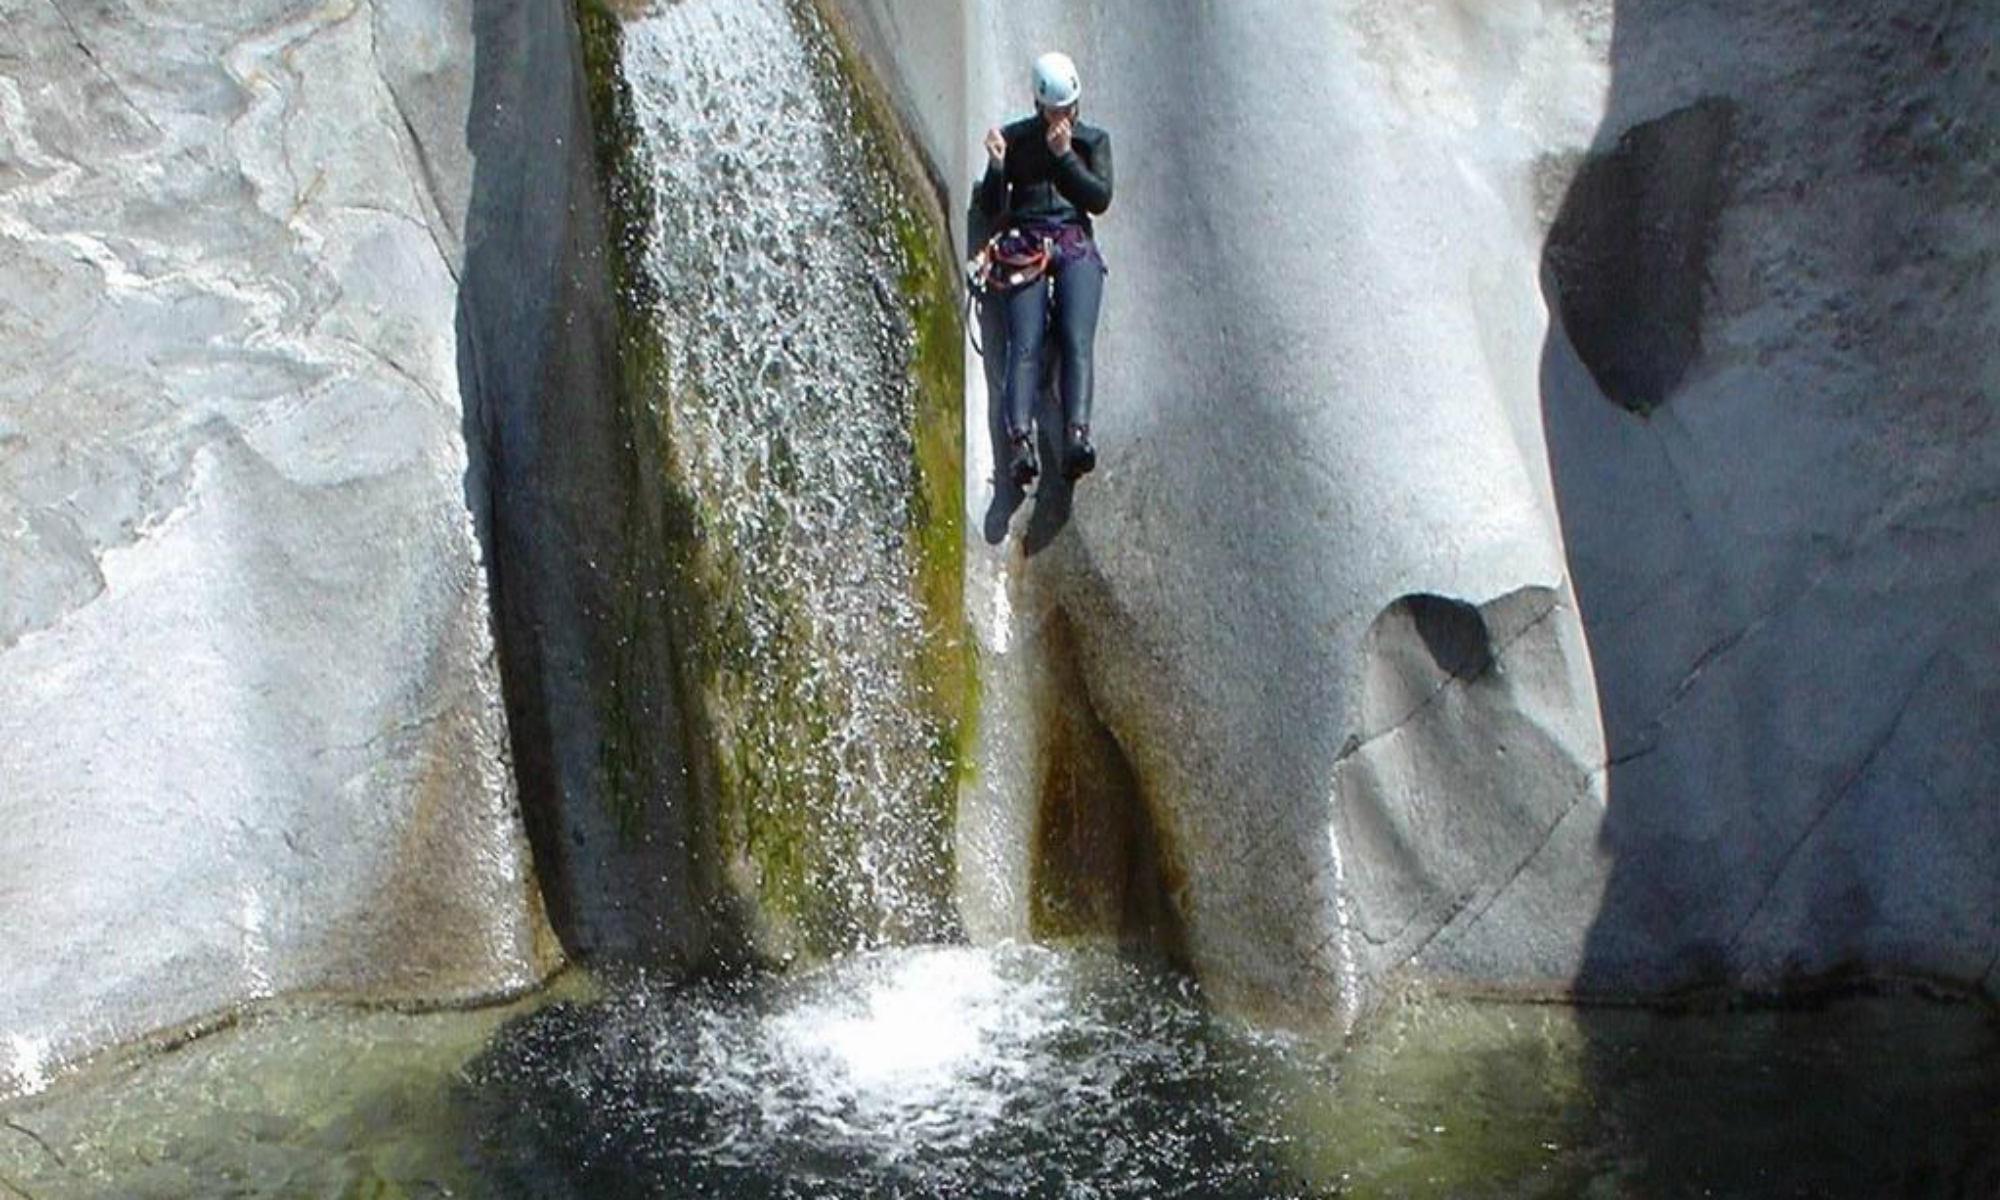 Ein Teilnehmer einer Schluchtenwanderung rutscht beim Canyoning in Tirol eine Wasserrutsche hinab.